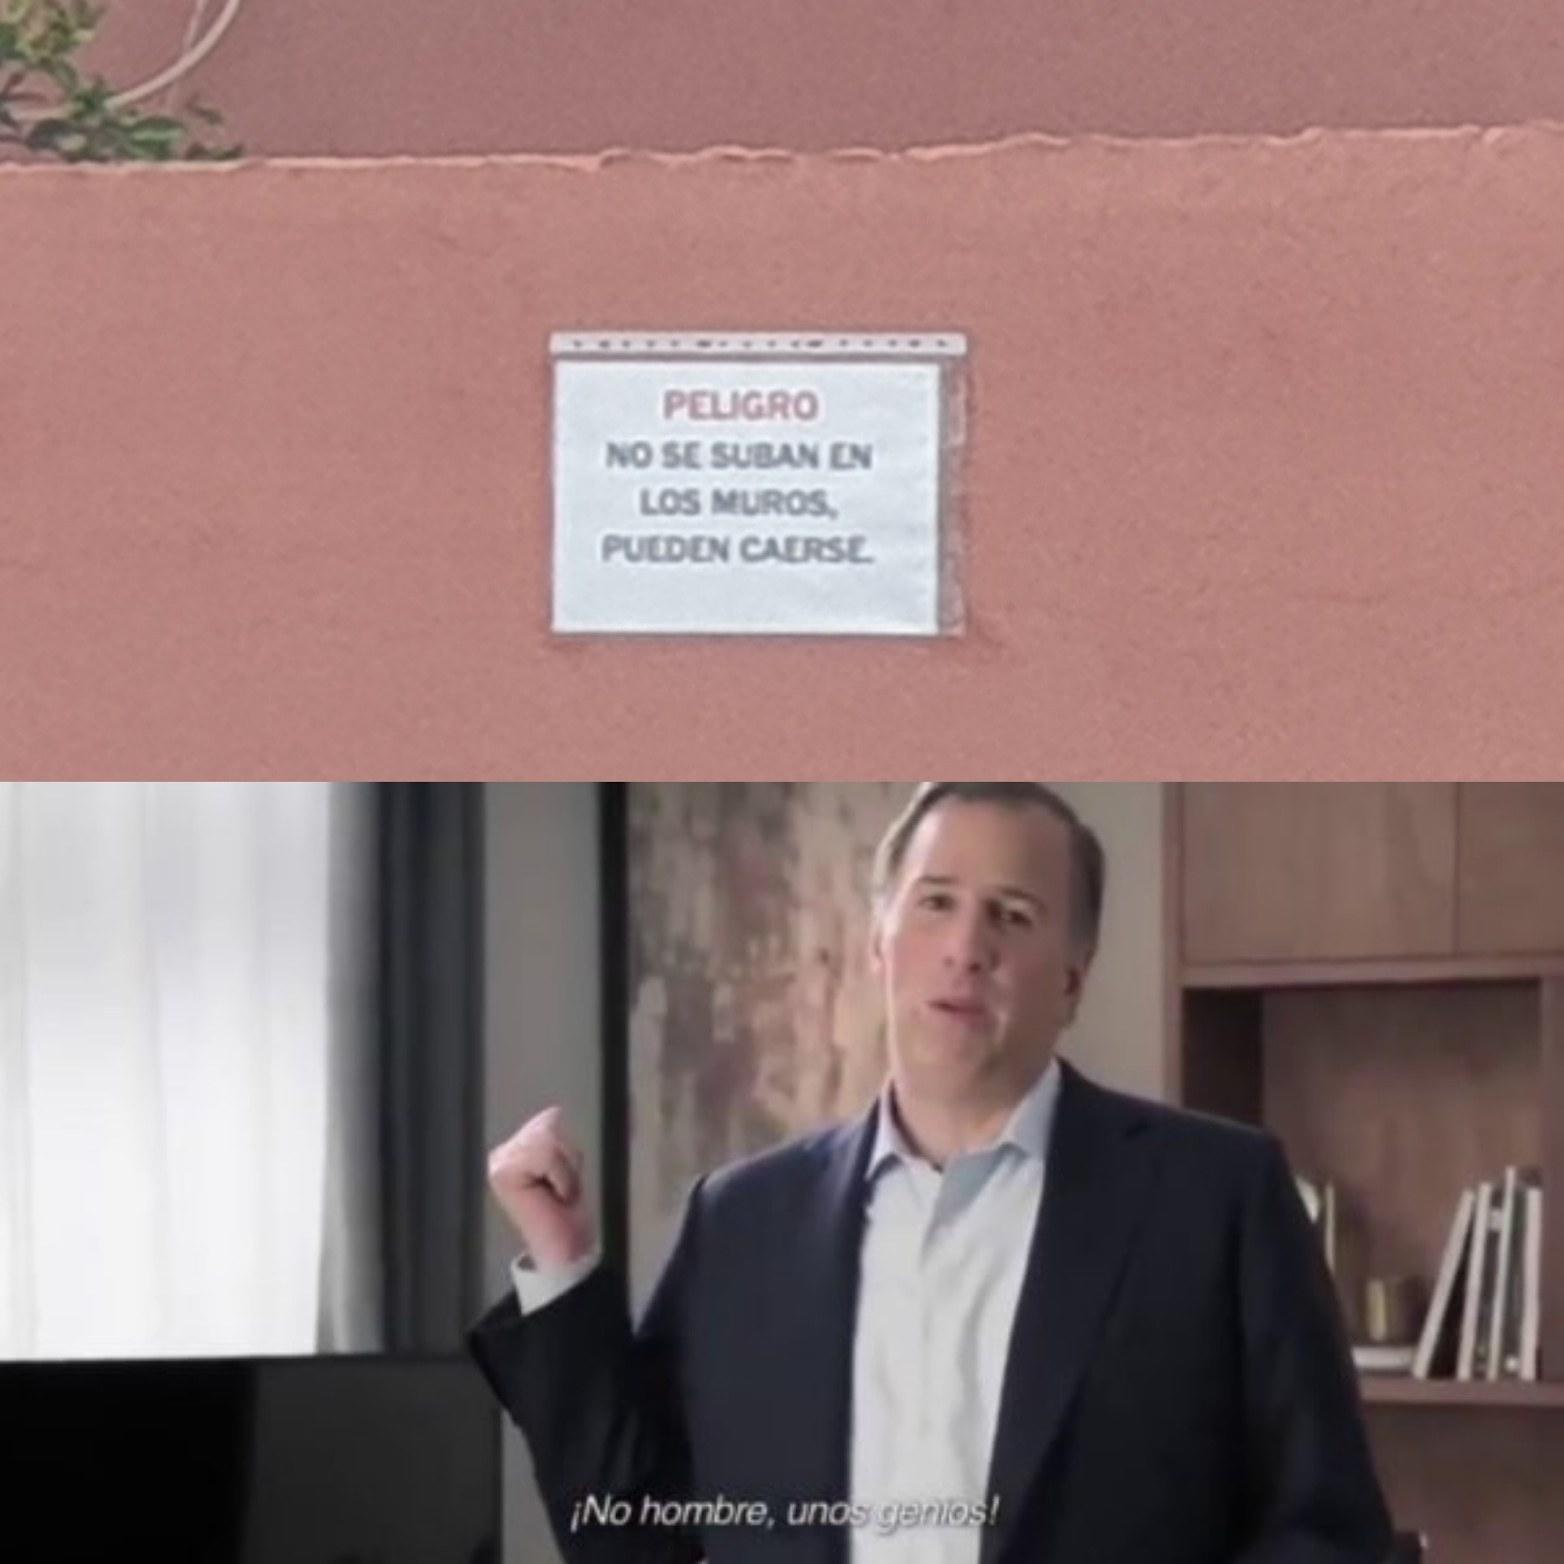 Son unos genios XD - meme